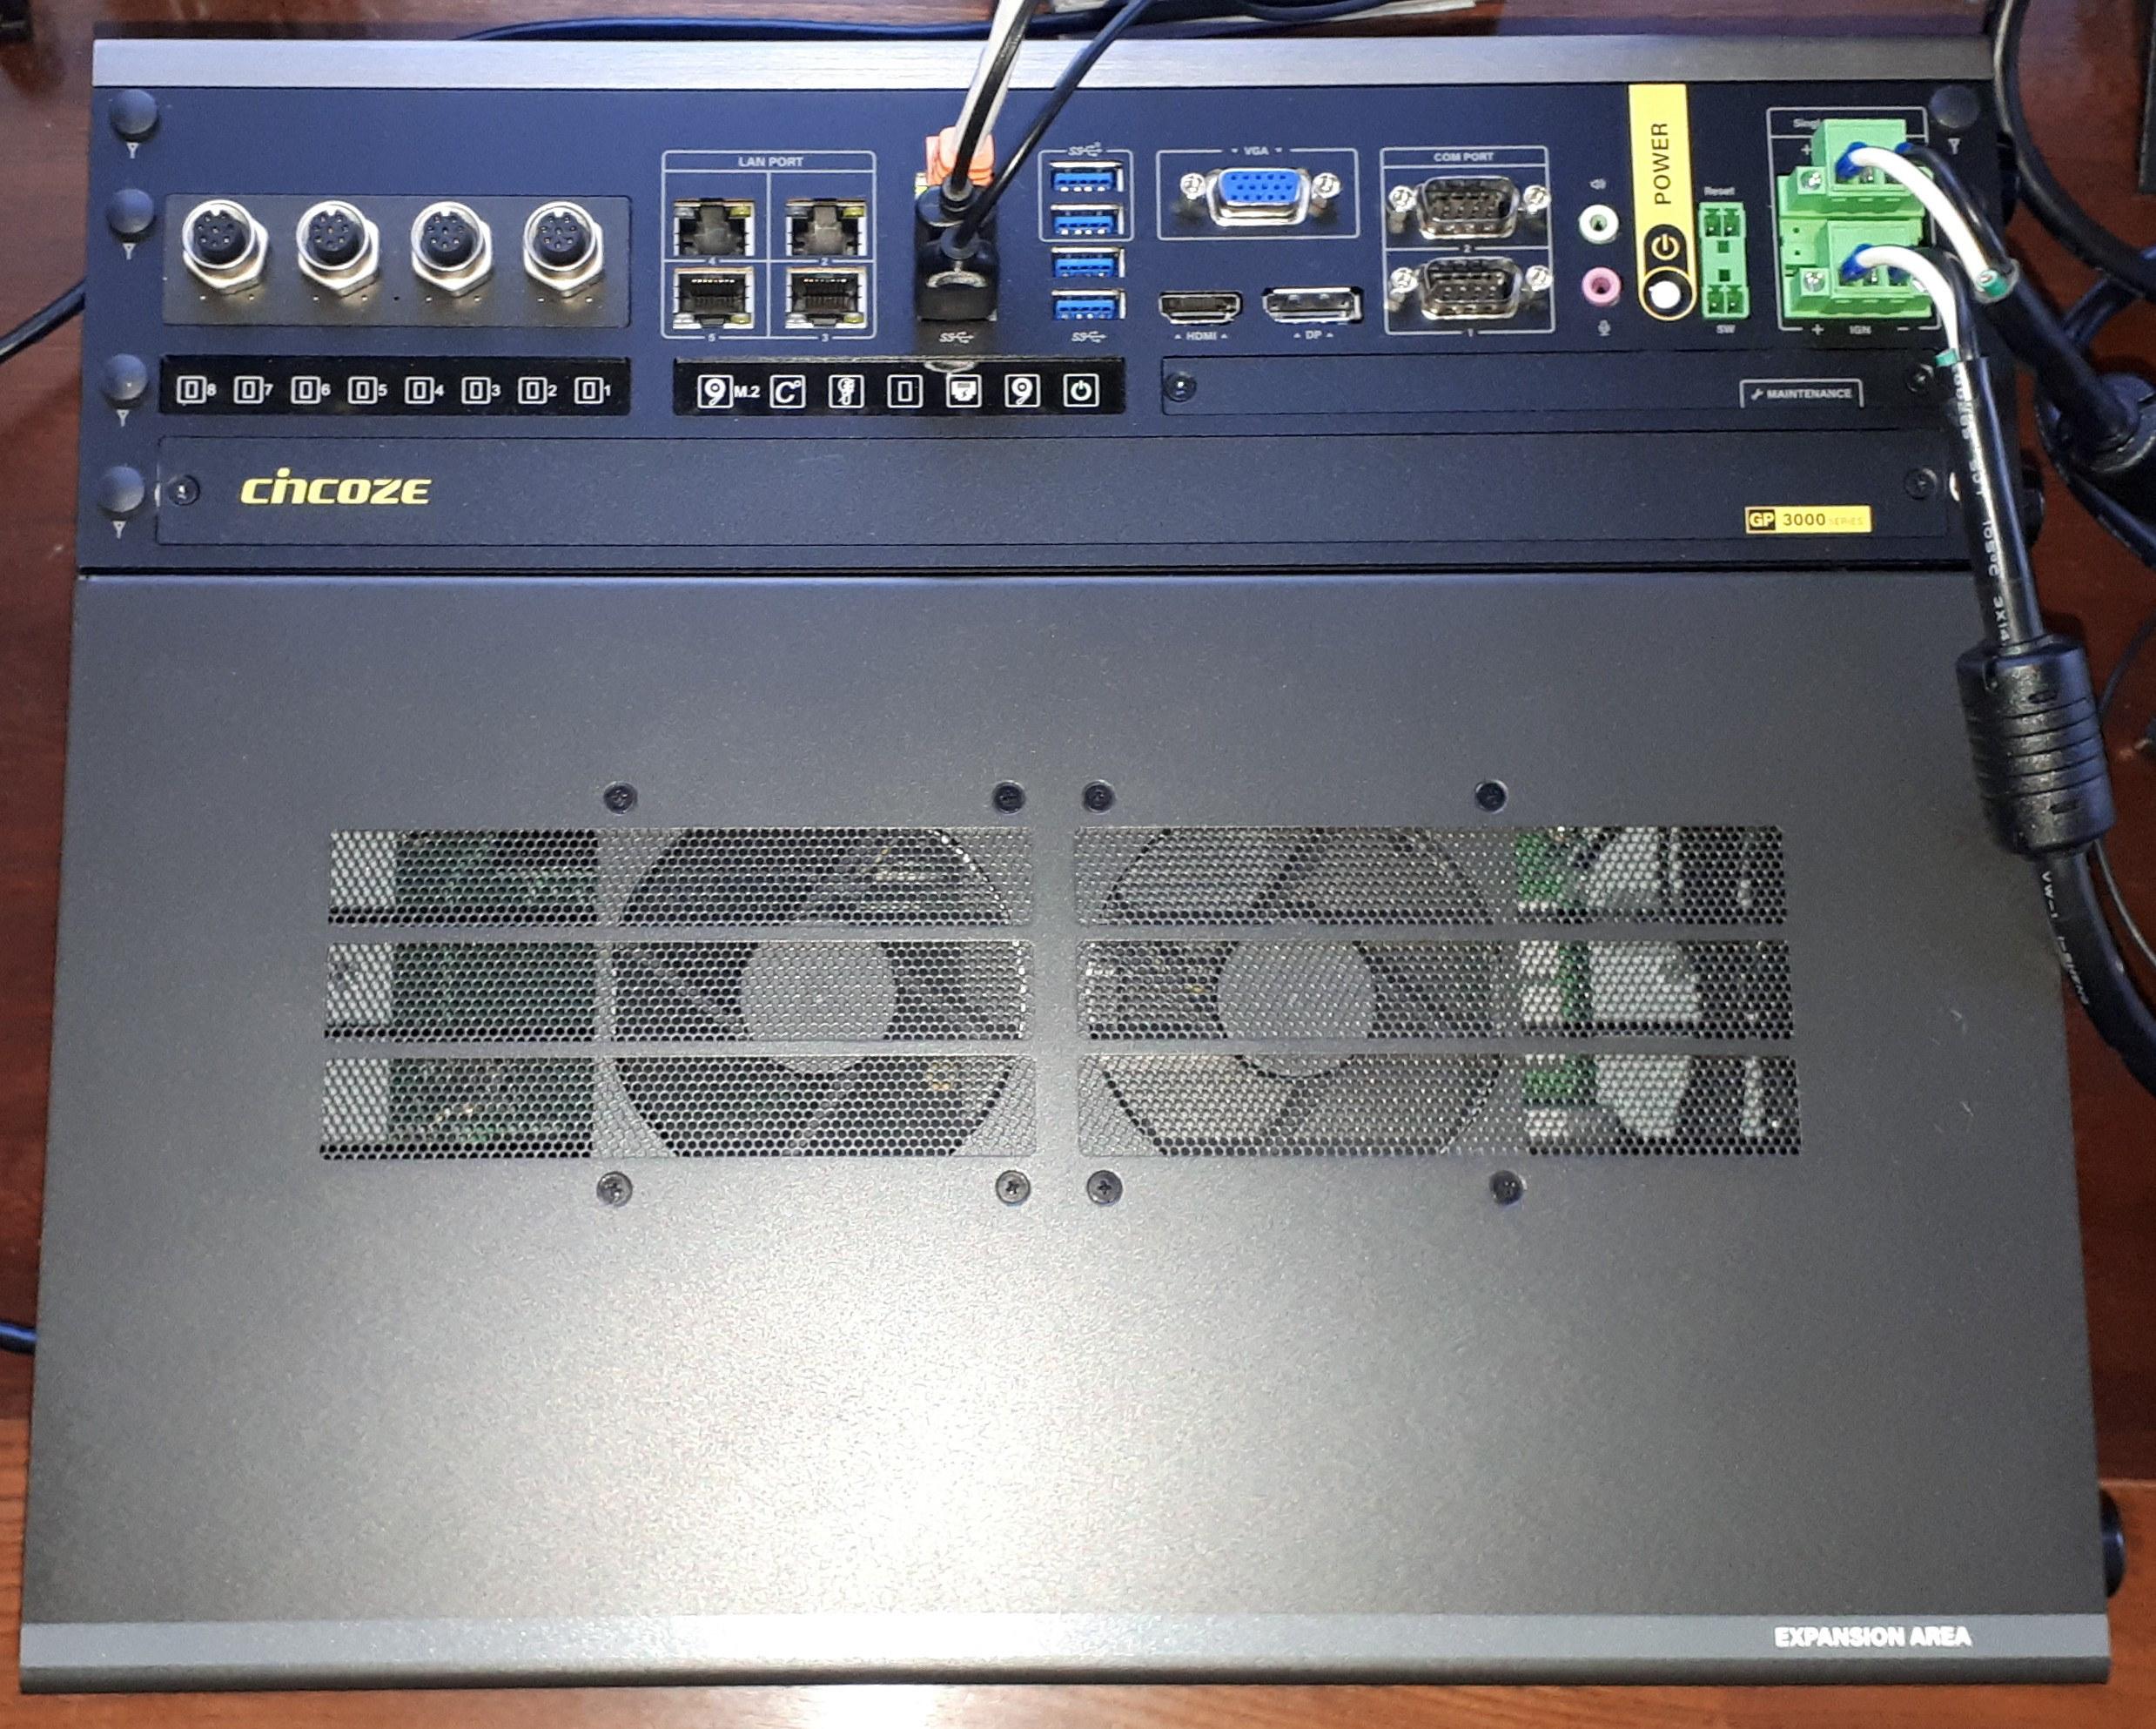 cincoze gp-3000 review